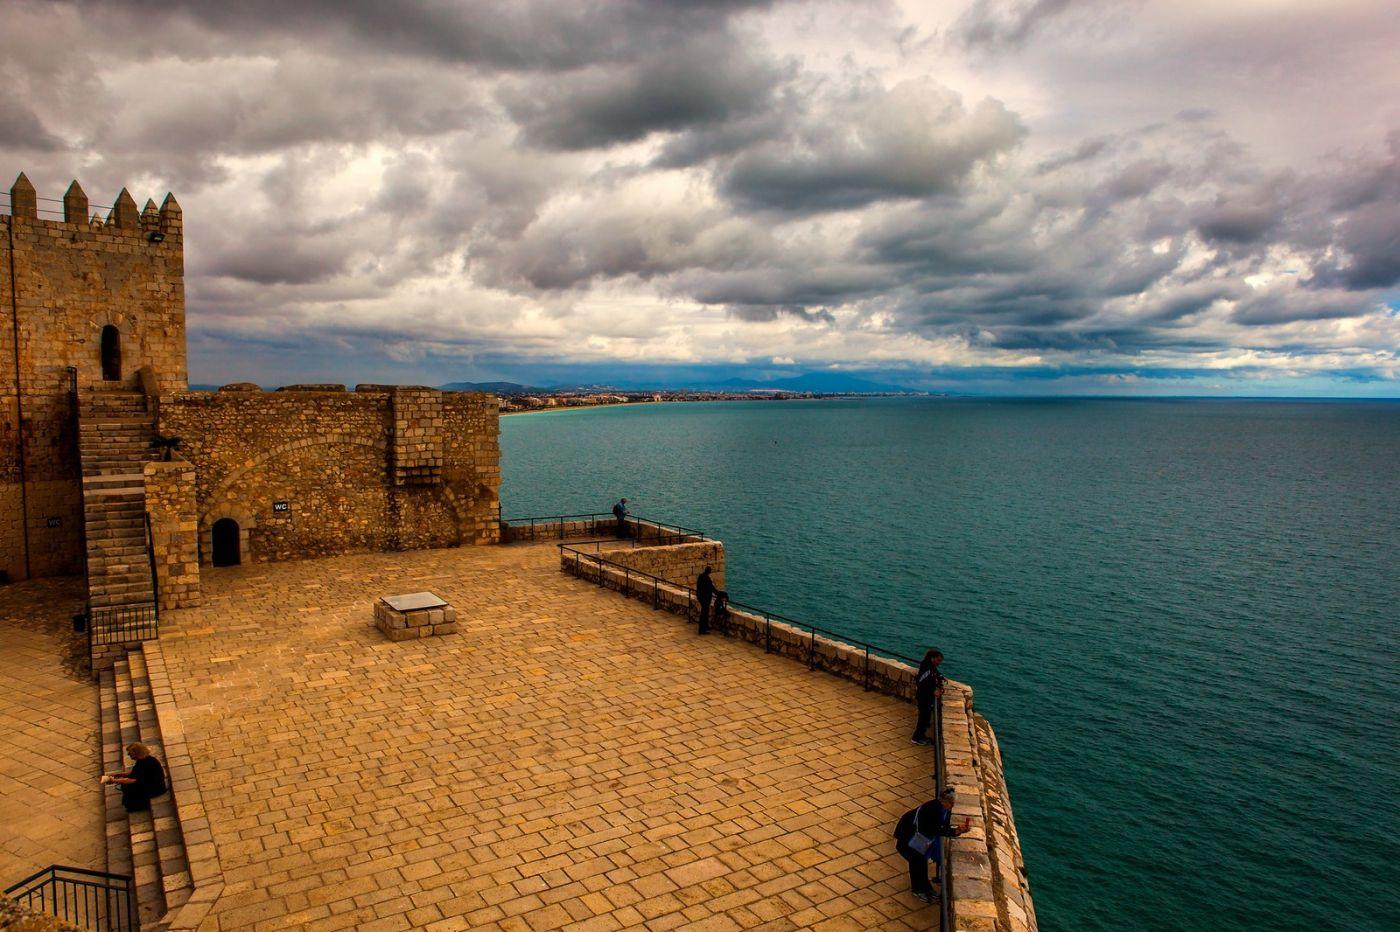 西班牙佩尼伊斯科拉(Peniscola),海边的景色令人神往_图1-7